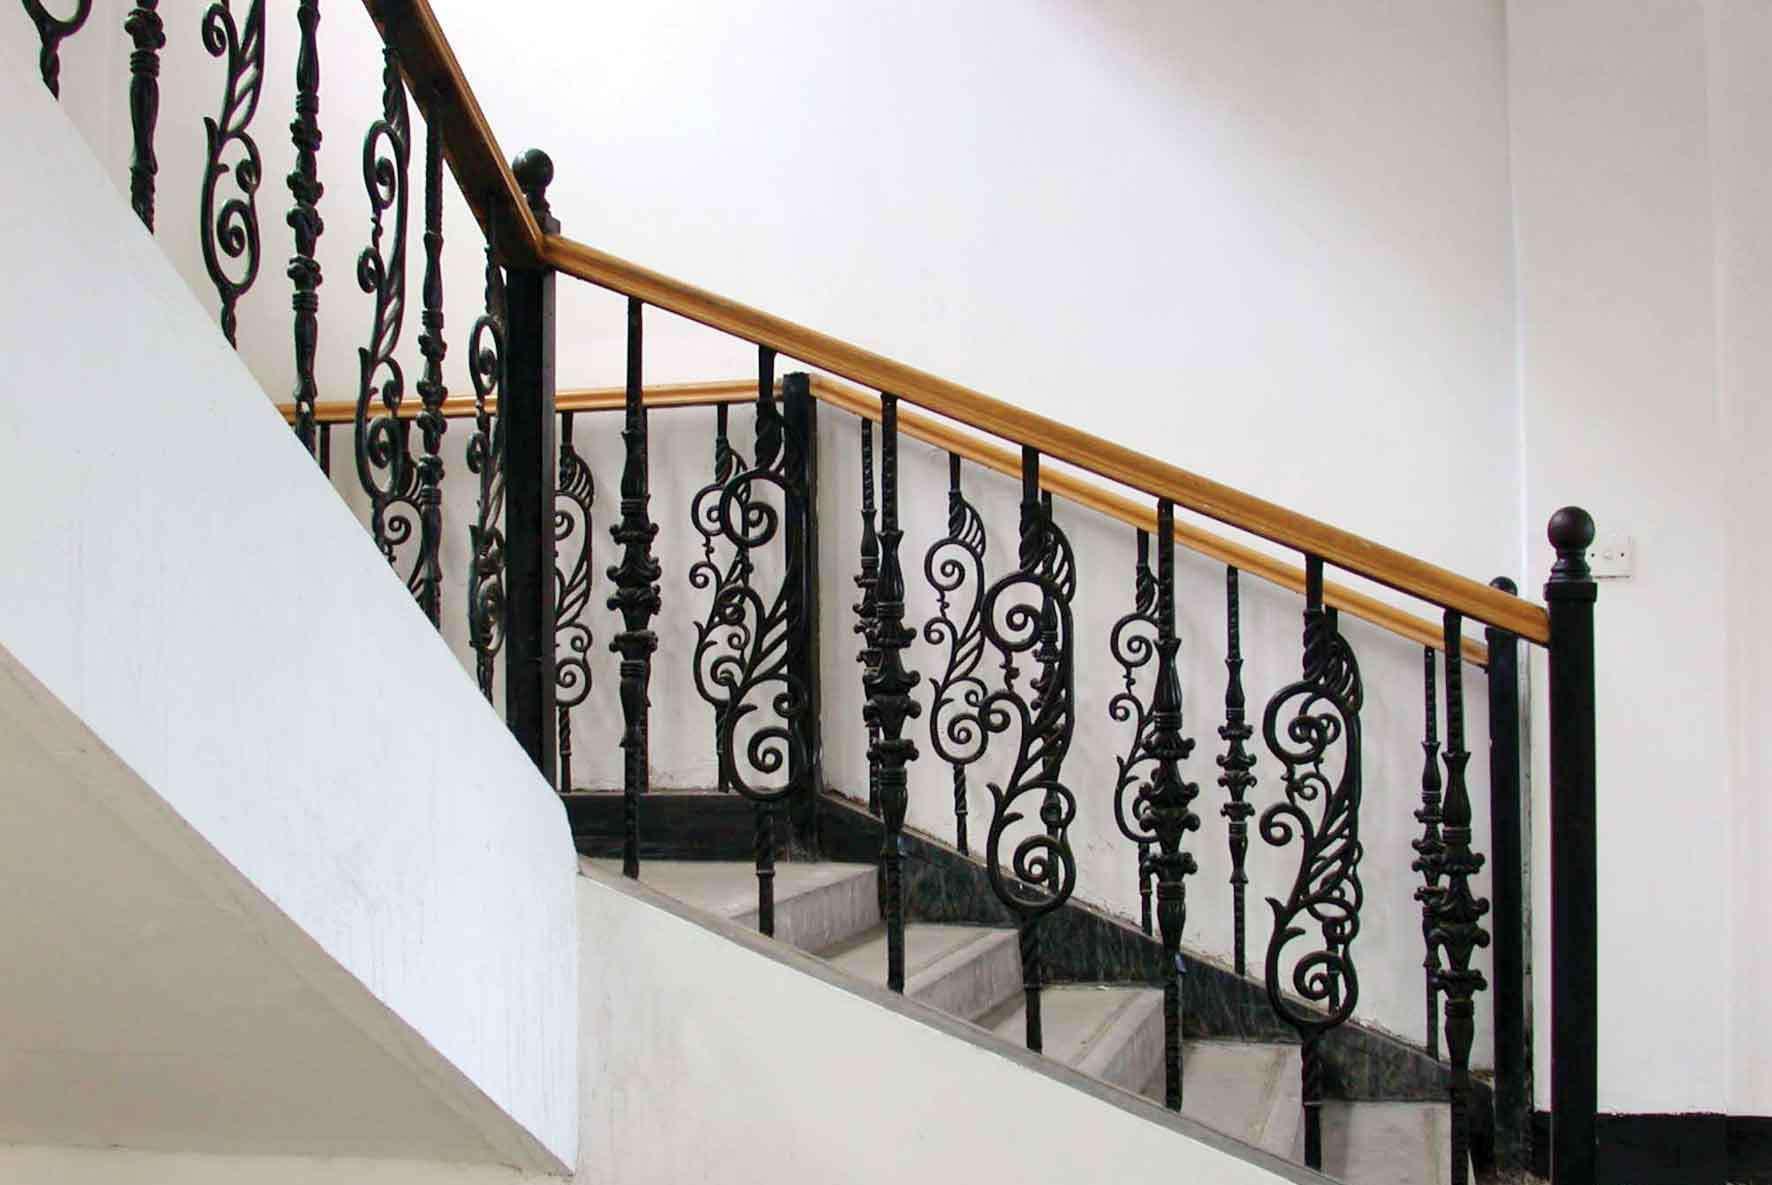 定制樓梯應該選擇適合自己的風格和材料